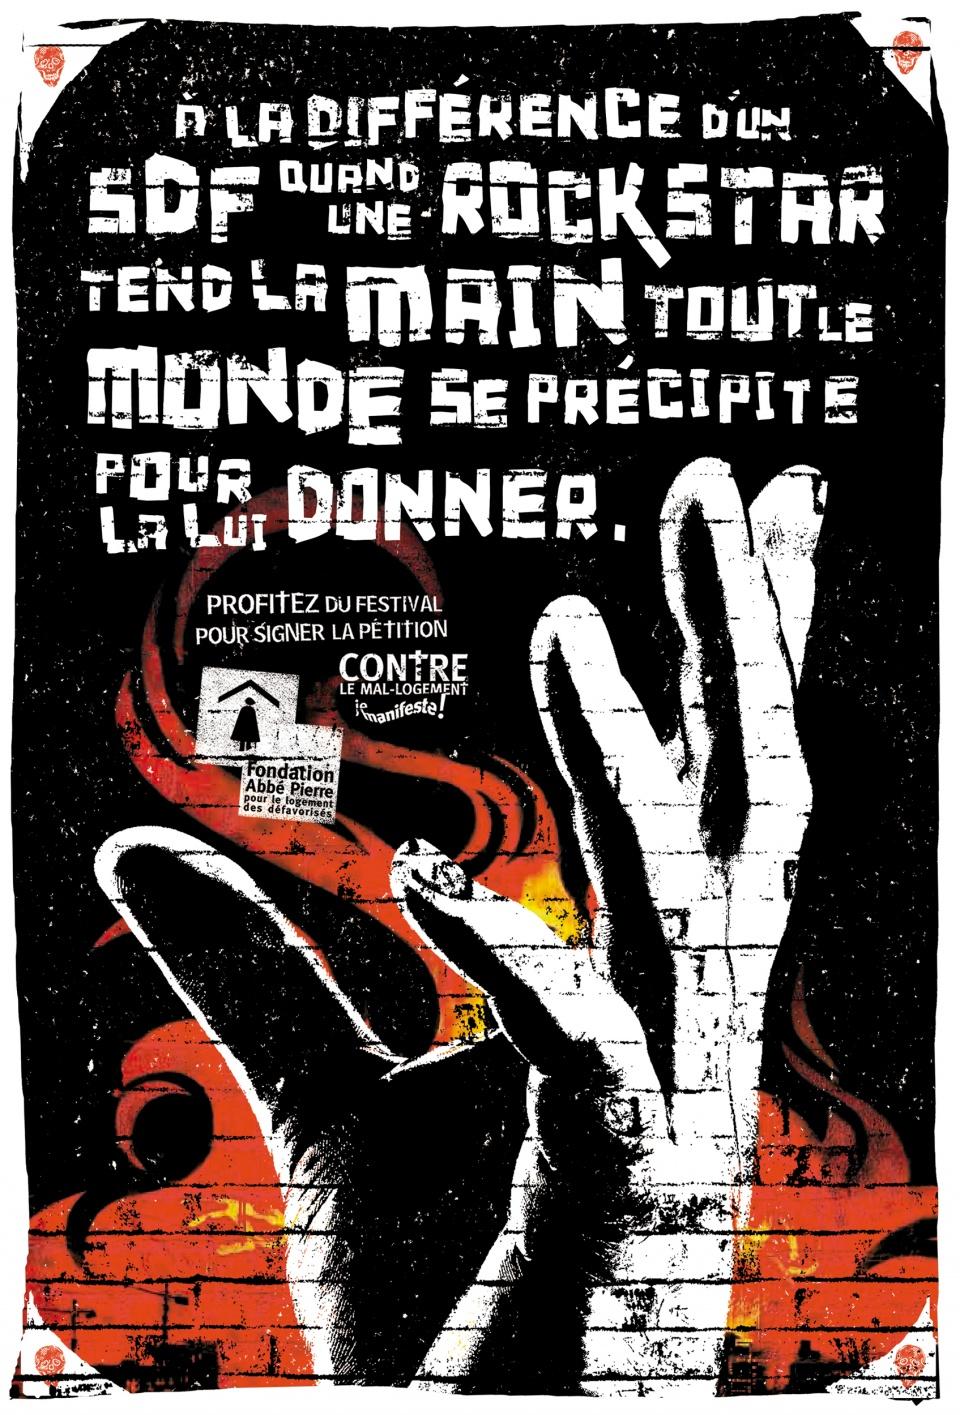 Fondation Abbé Pierre p.2